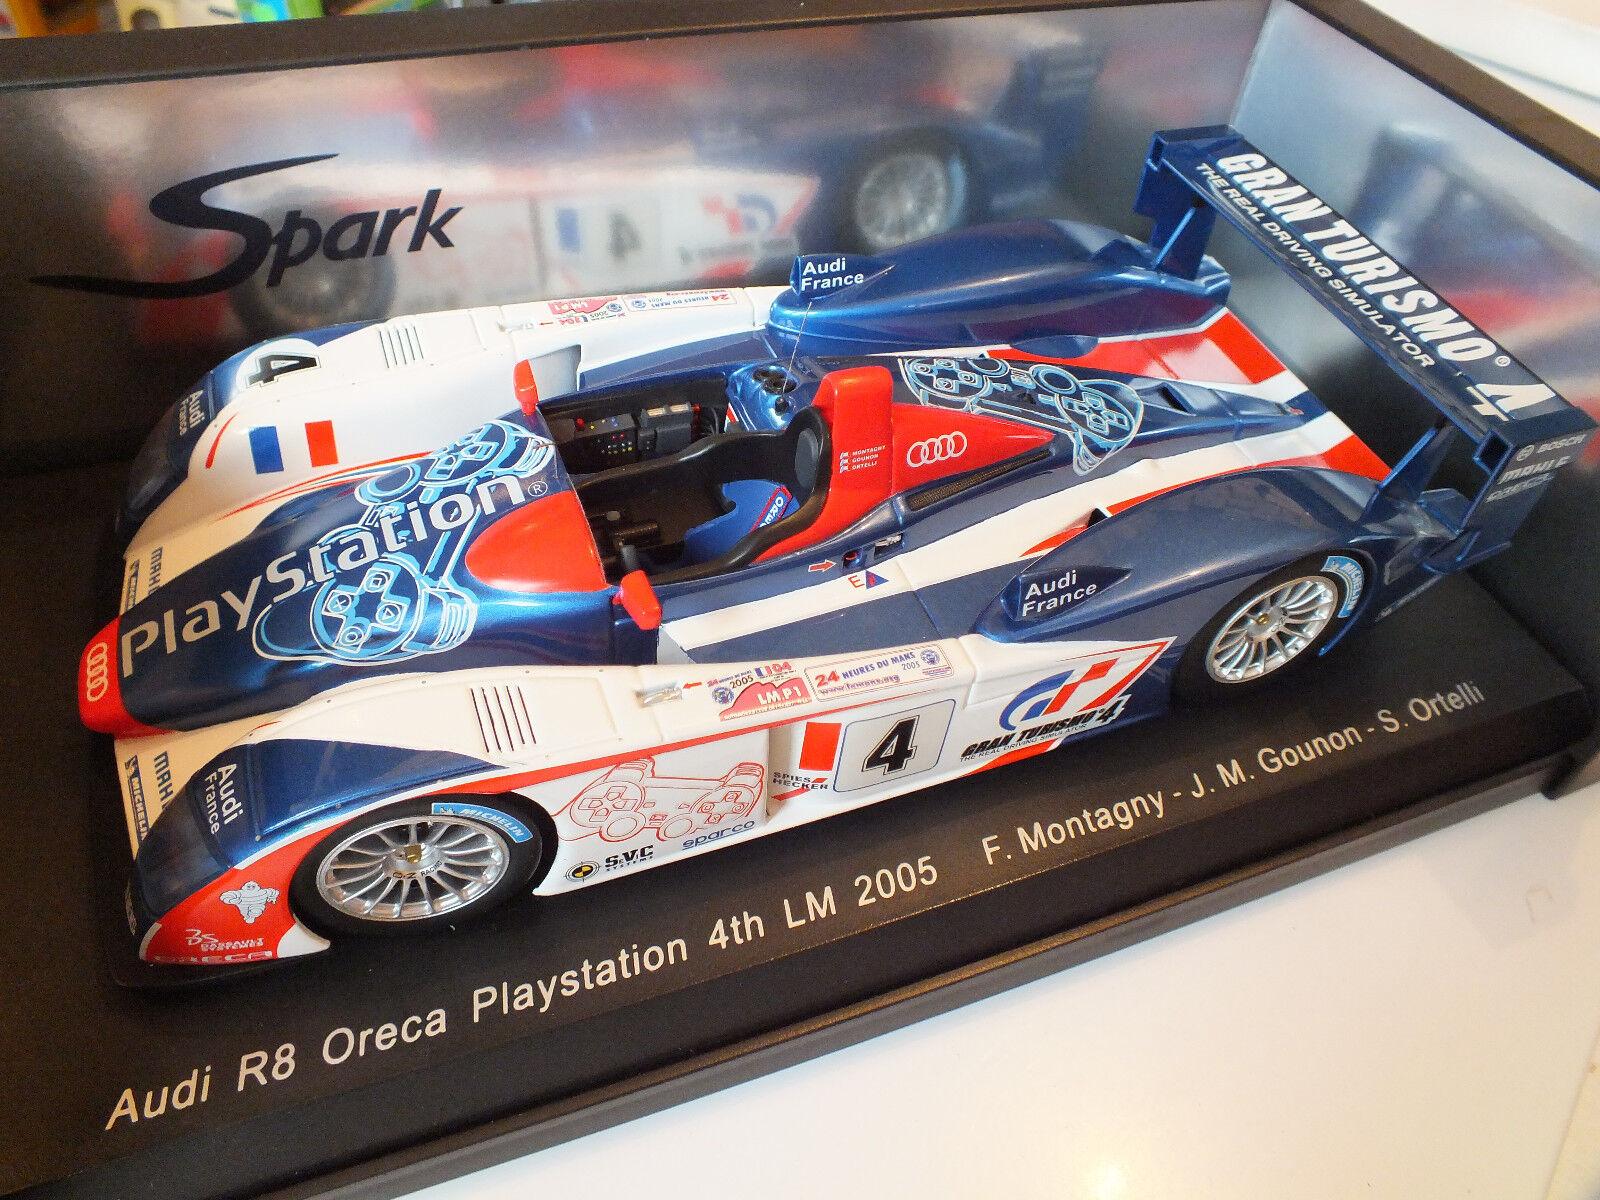 SPARK- S1803-I R8 Oreca Playstation N° 4 F. Montagnyi 4th Le Mans 2005